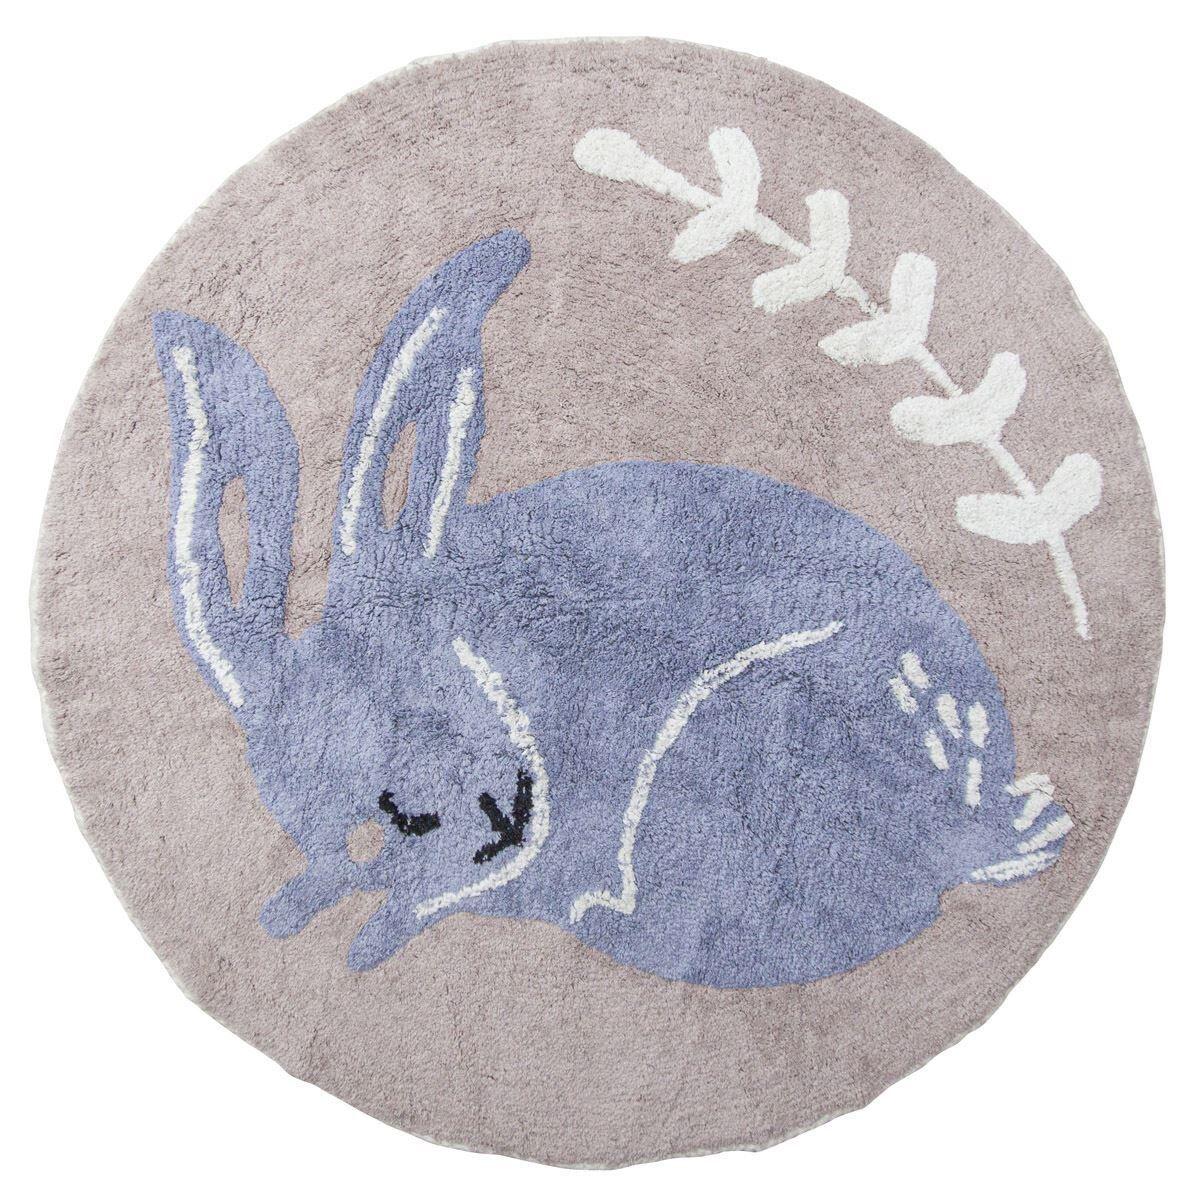 Sebra Vevd gulvteppe, Bluebell the bunny